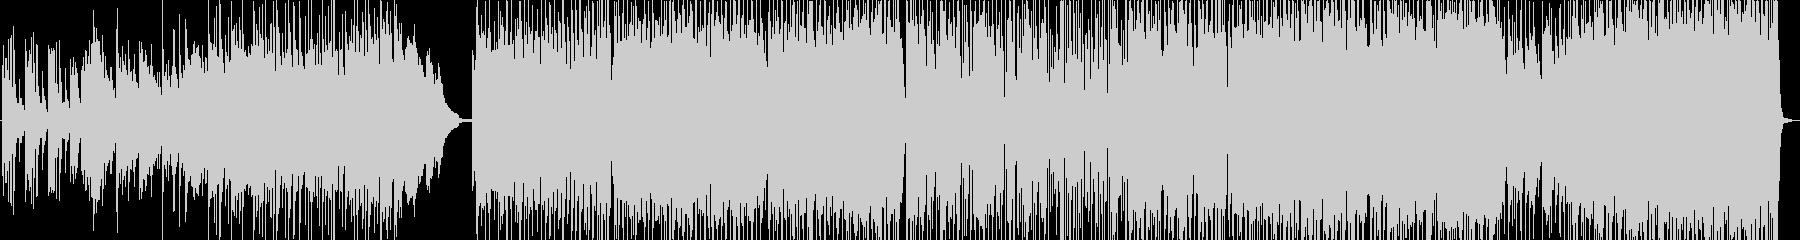 水しぶきをピアノメインで表現したインストの未再生の波形